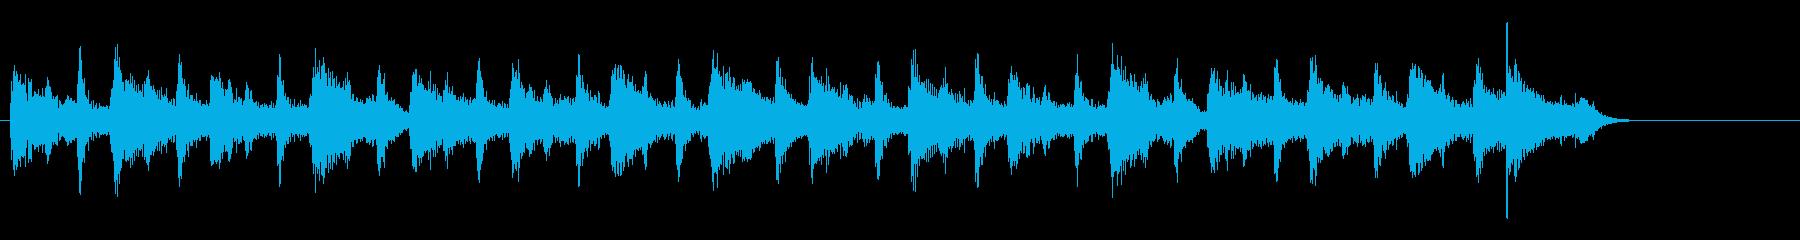 アイリッシュ・荒れ狂う・大海原ジングルCの再生済みの波形